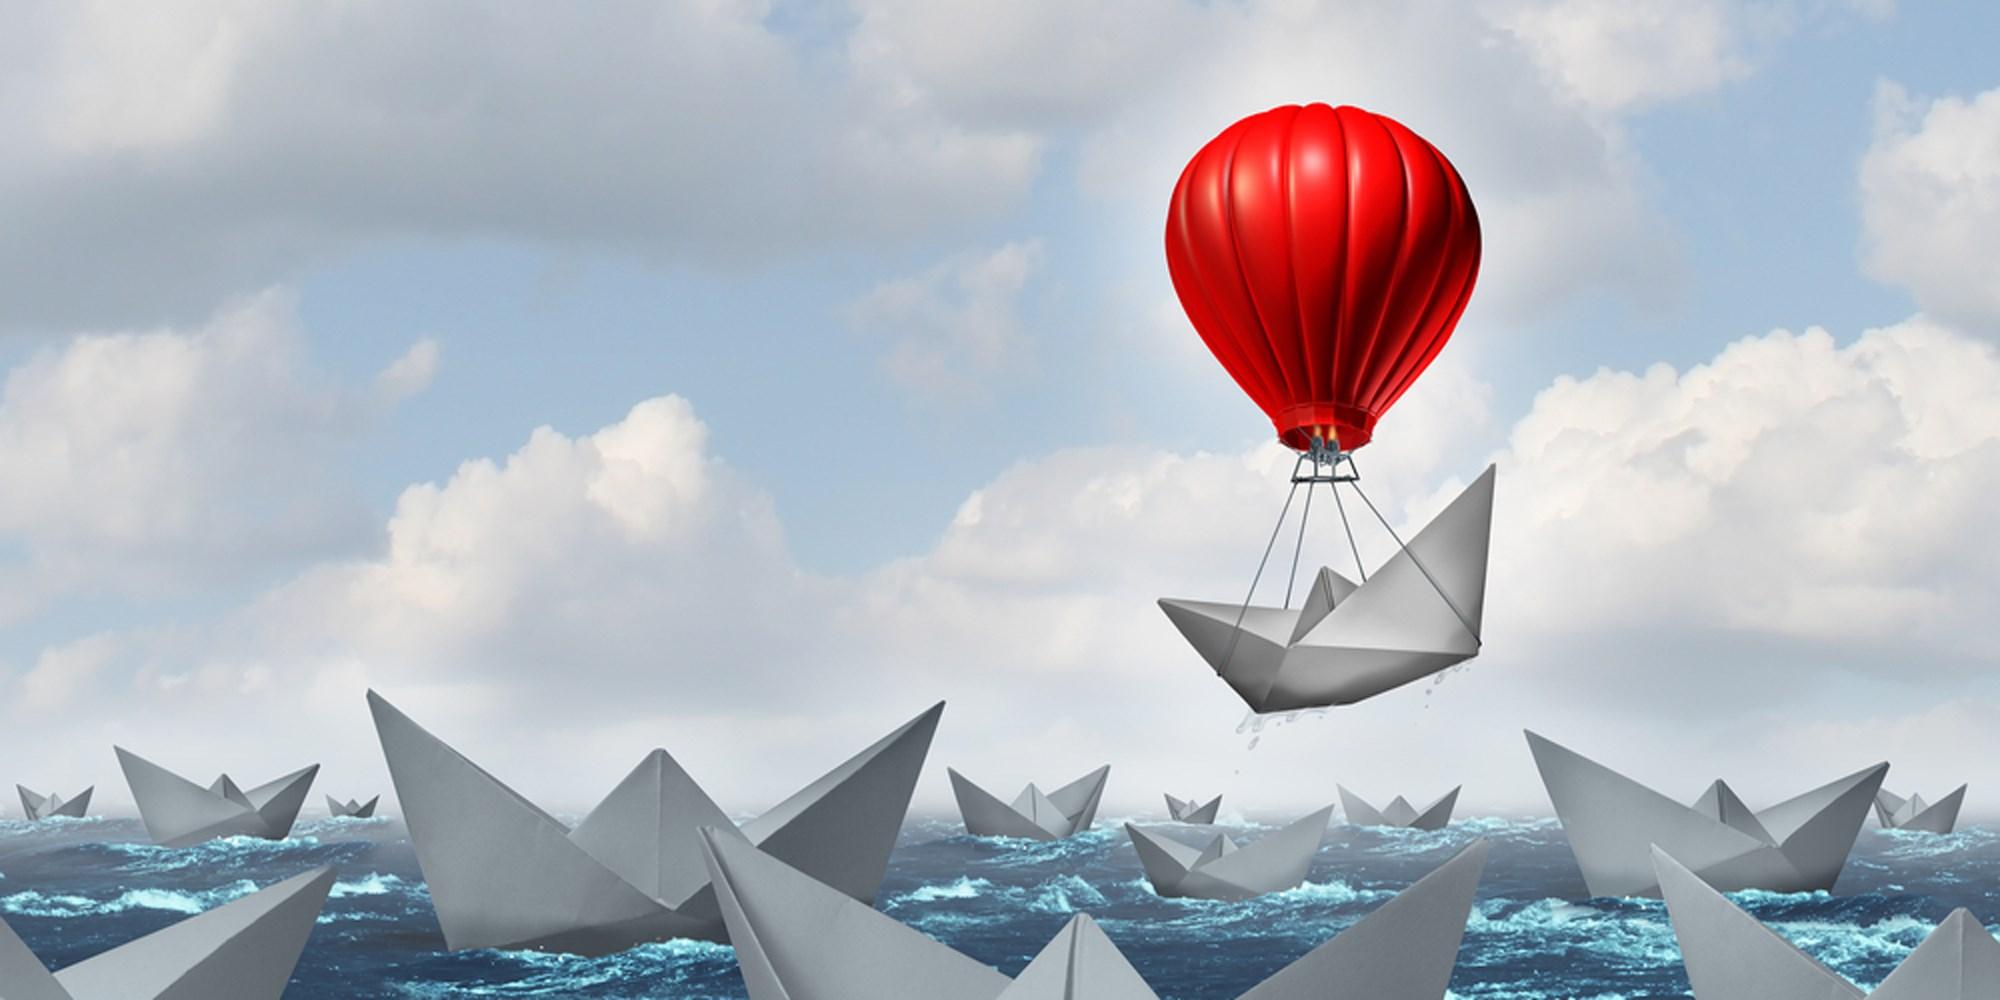 80 procent van de online coaches -ondernemers gaat het NIET redden of hooguit een gemiddeld inkomen opbouwen voor zichzelf